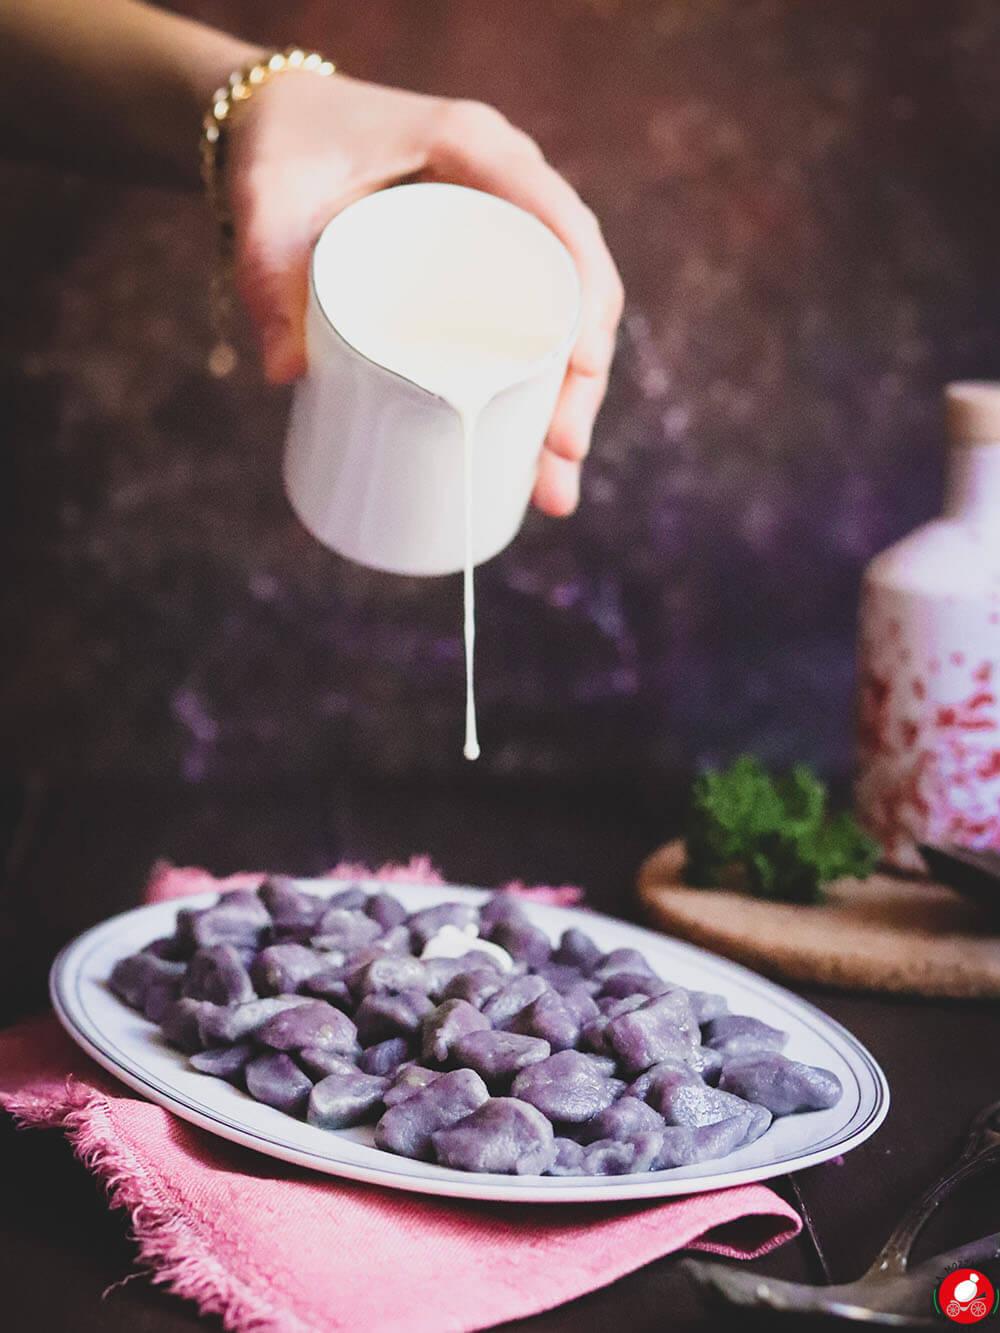 La Mozzarella In Carrozza - Gnocchi di patate viola con crema di formaggi